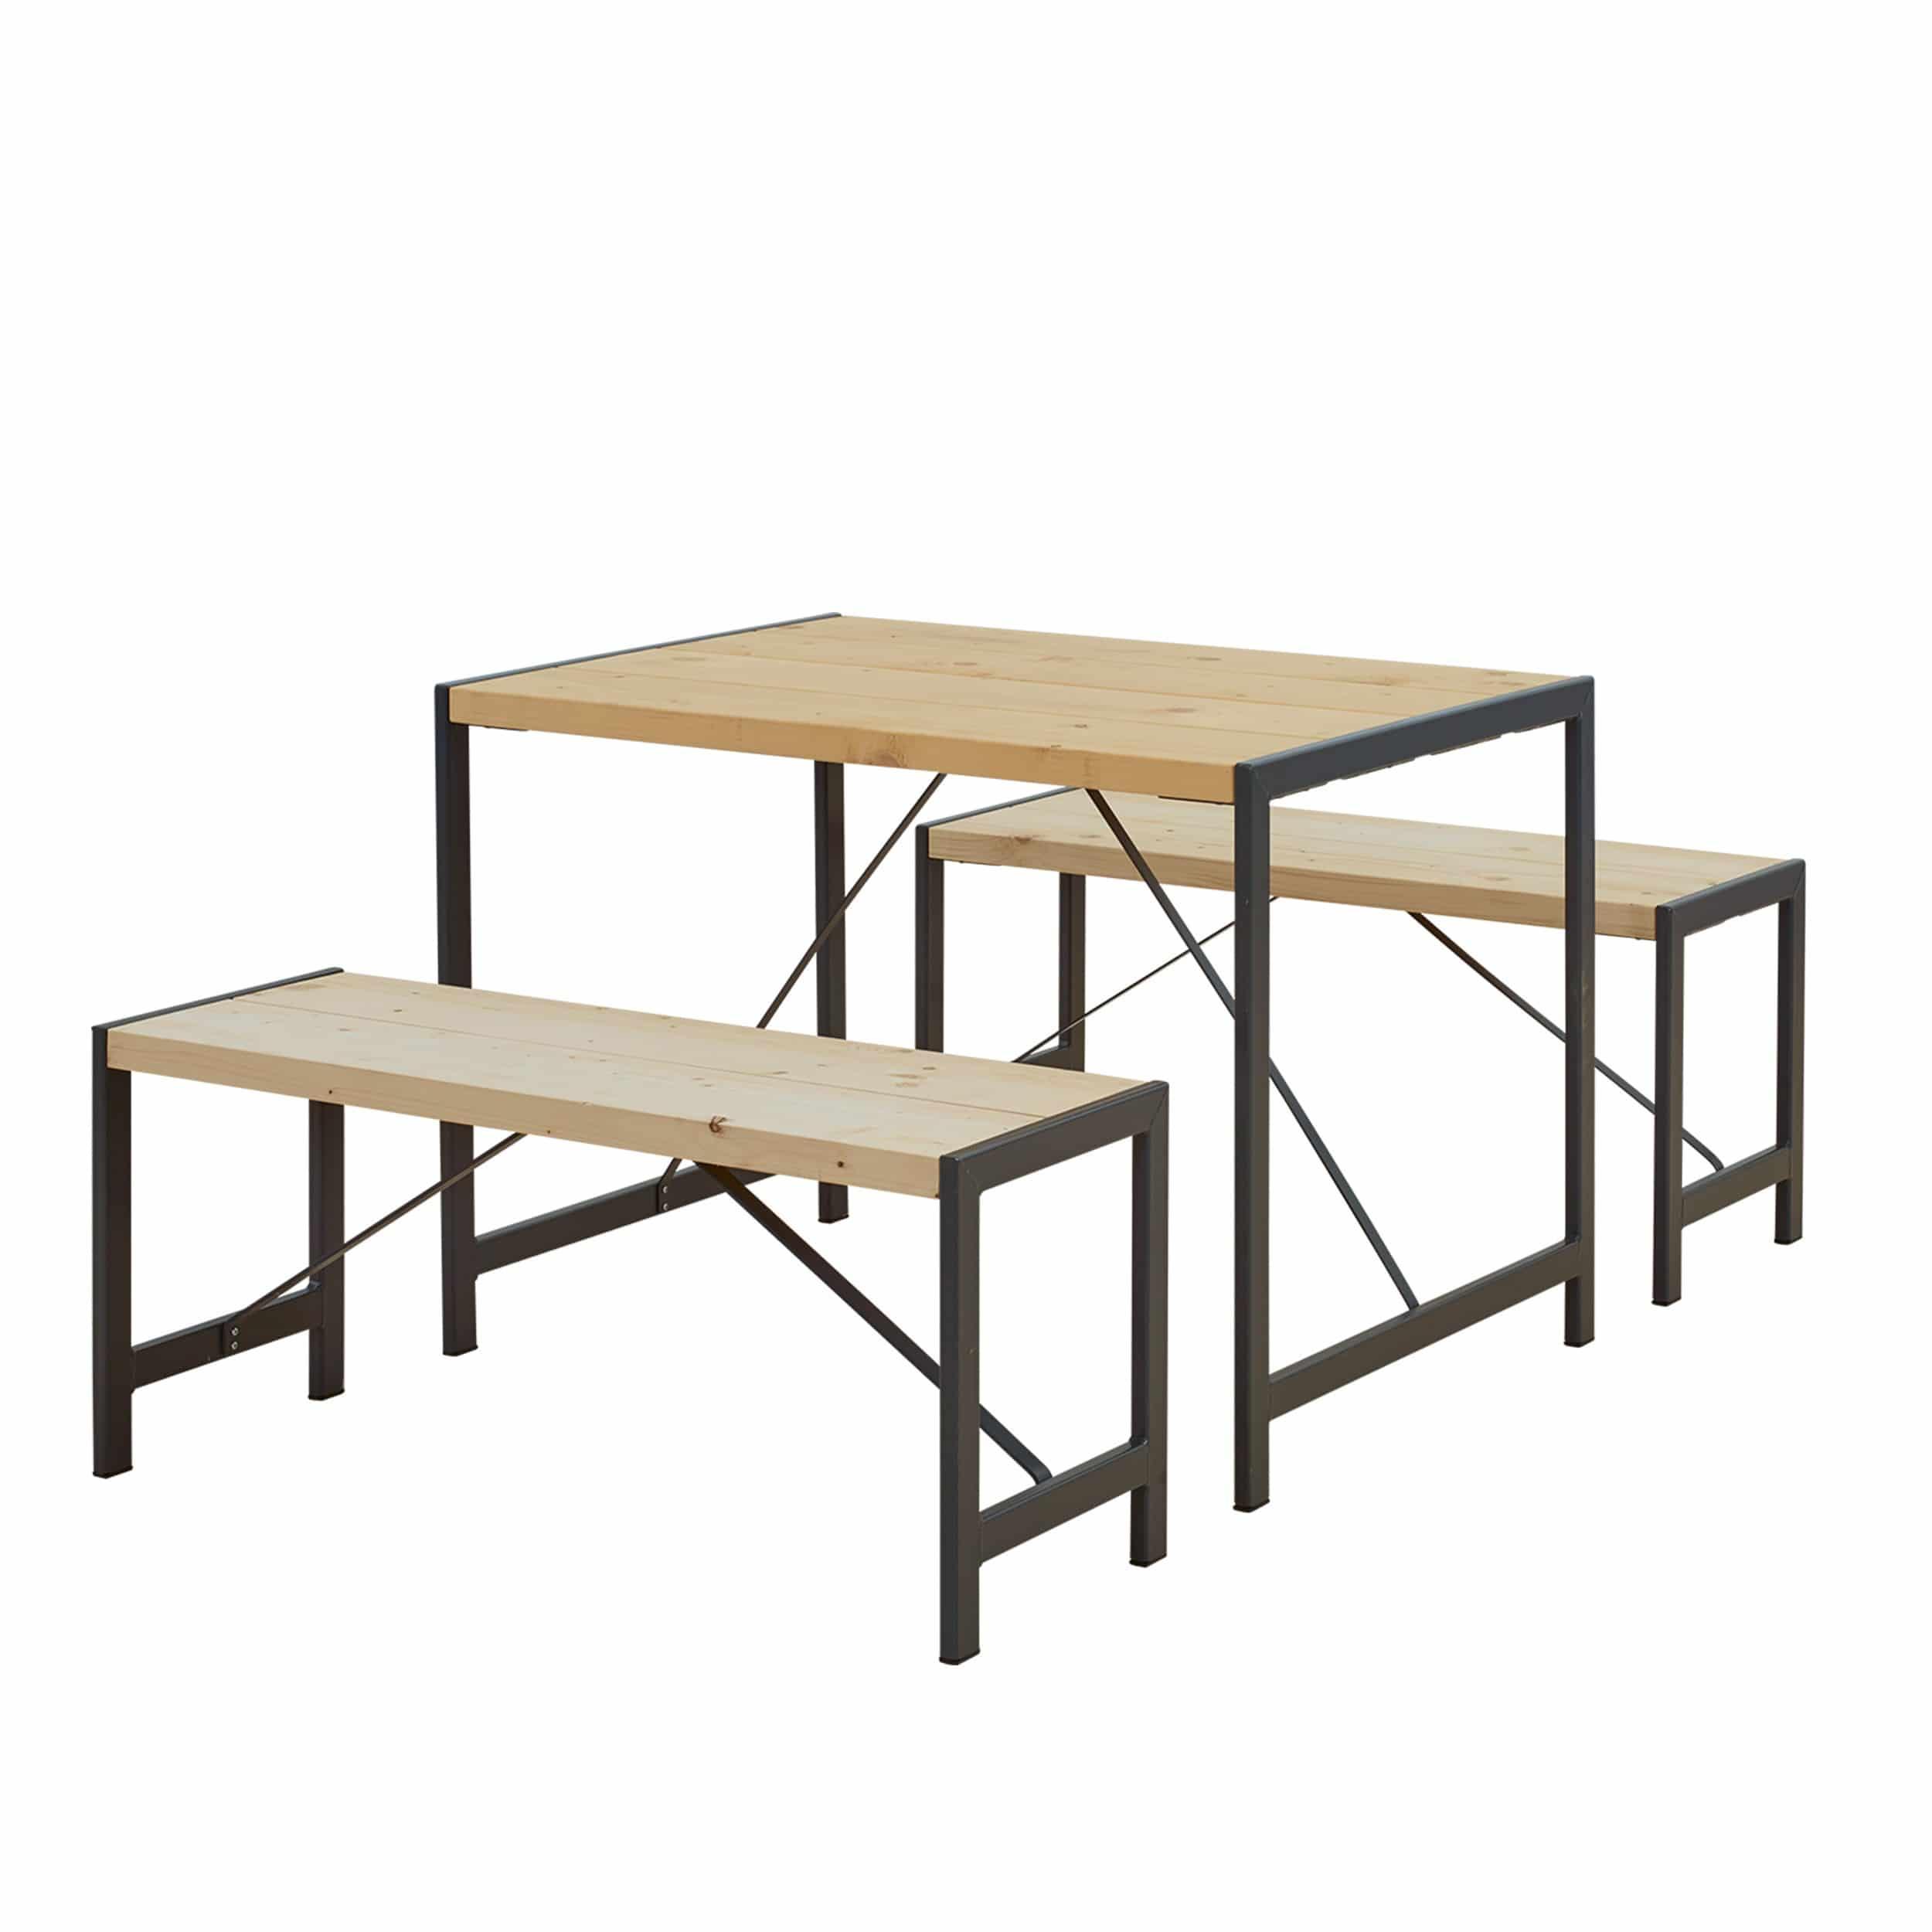 Sitzgarnitur Funkis 1 Tisch 2 Bänke